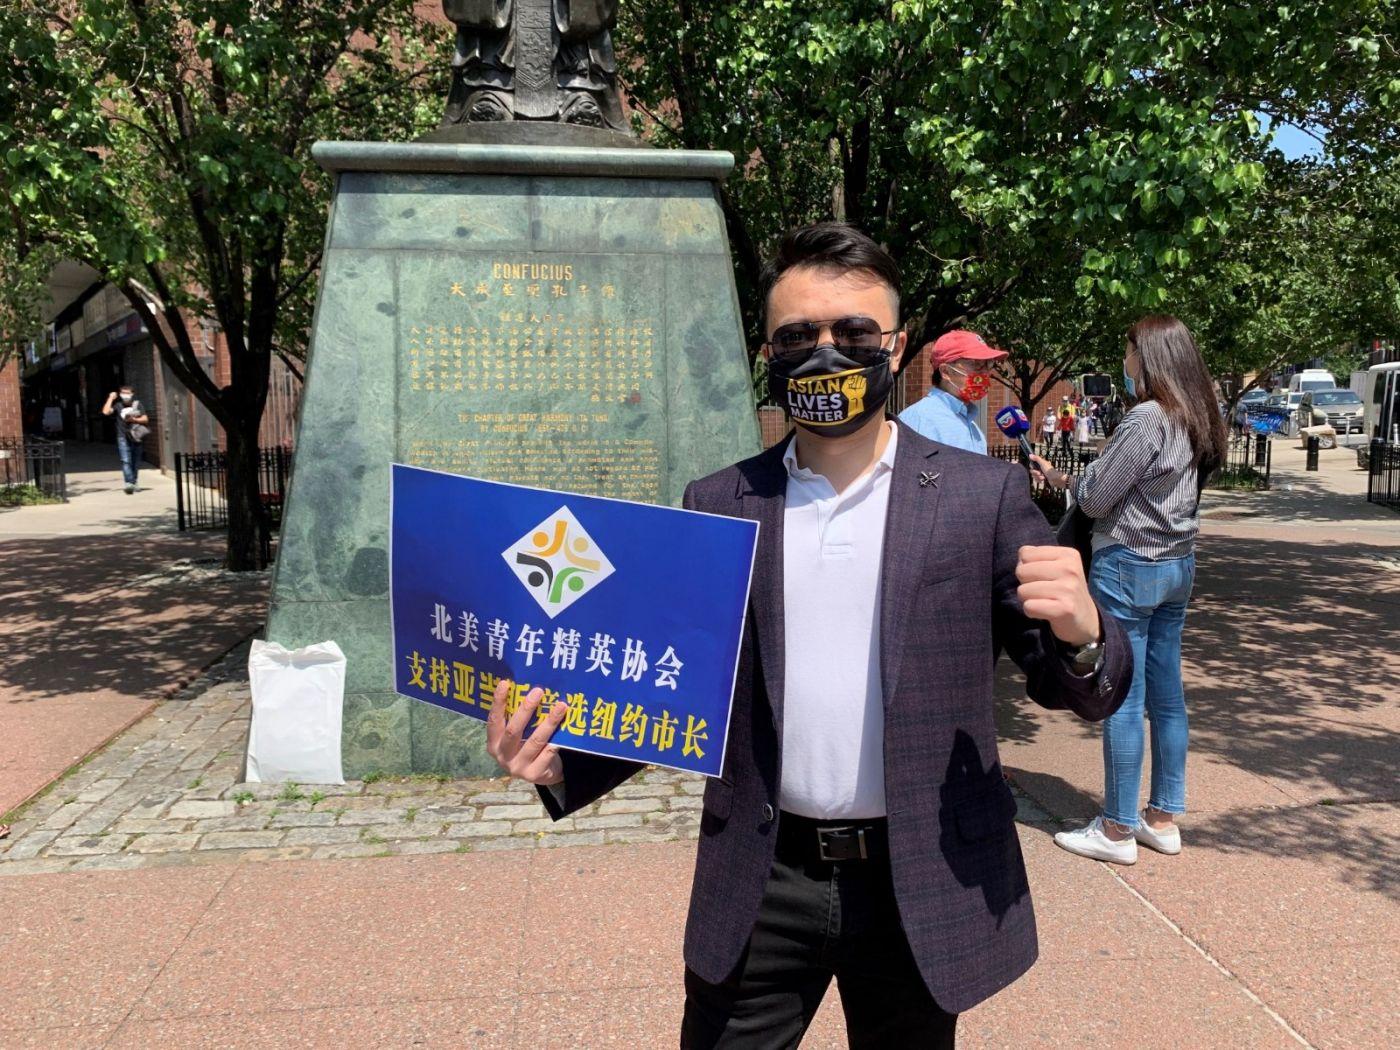 高娓娓:纽约市长竞选人亚当斯拜访唐人街社区民众_图1-19